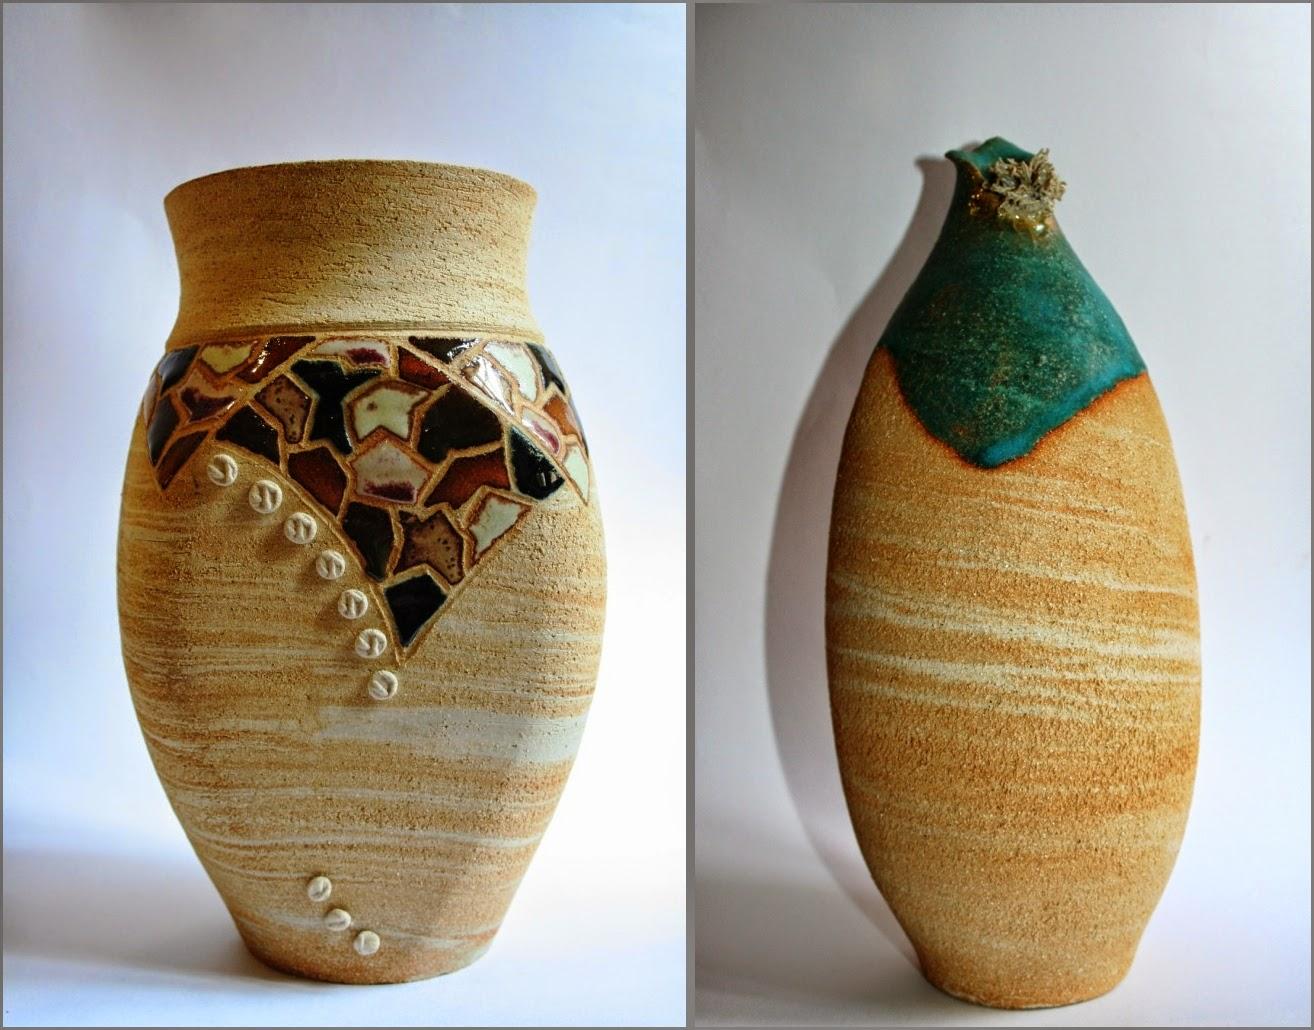 Alcaller cer mica art stica almu car granada - Murales de ceramica artistica ...